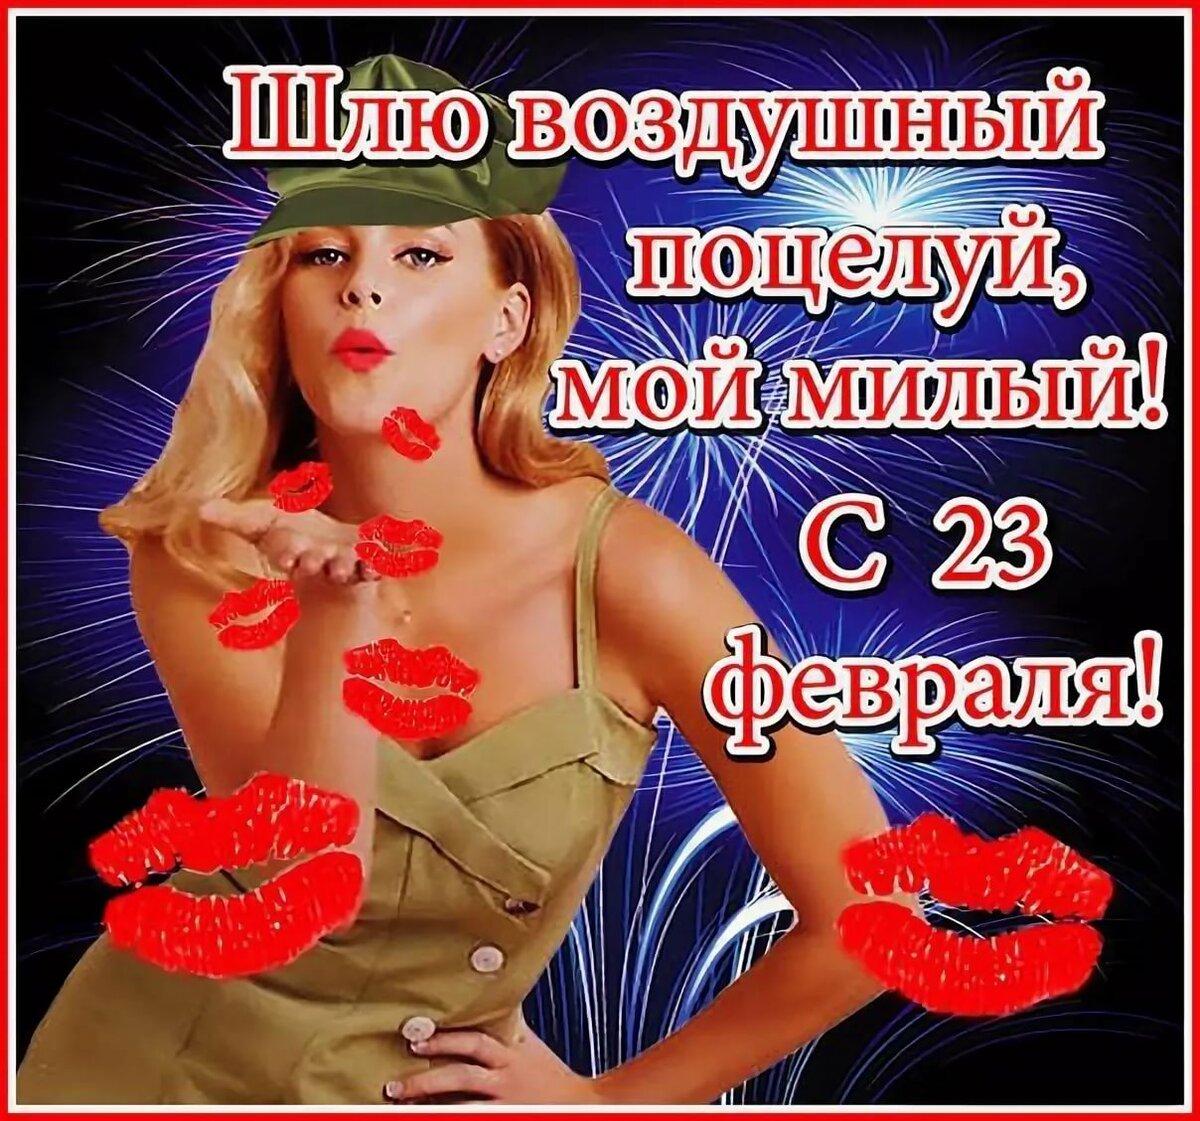 напичкана поздравления любимому с 23 февраля с картинками ваш день